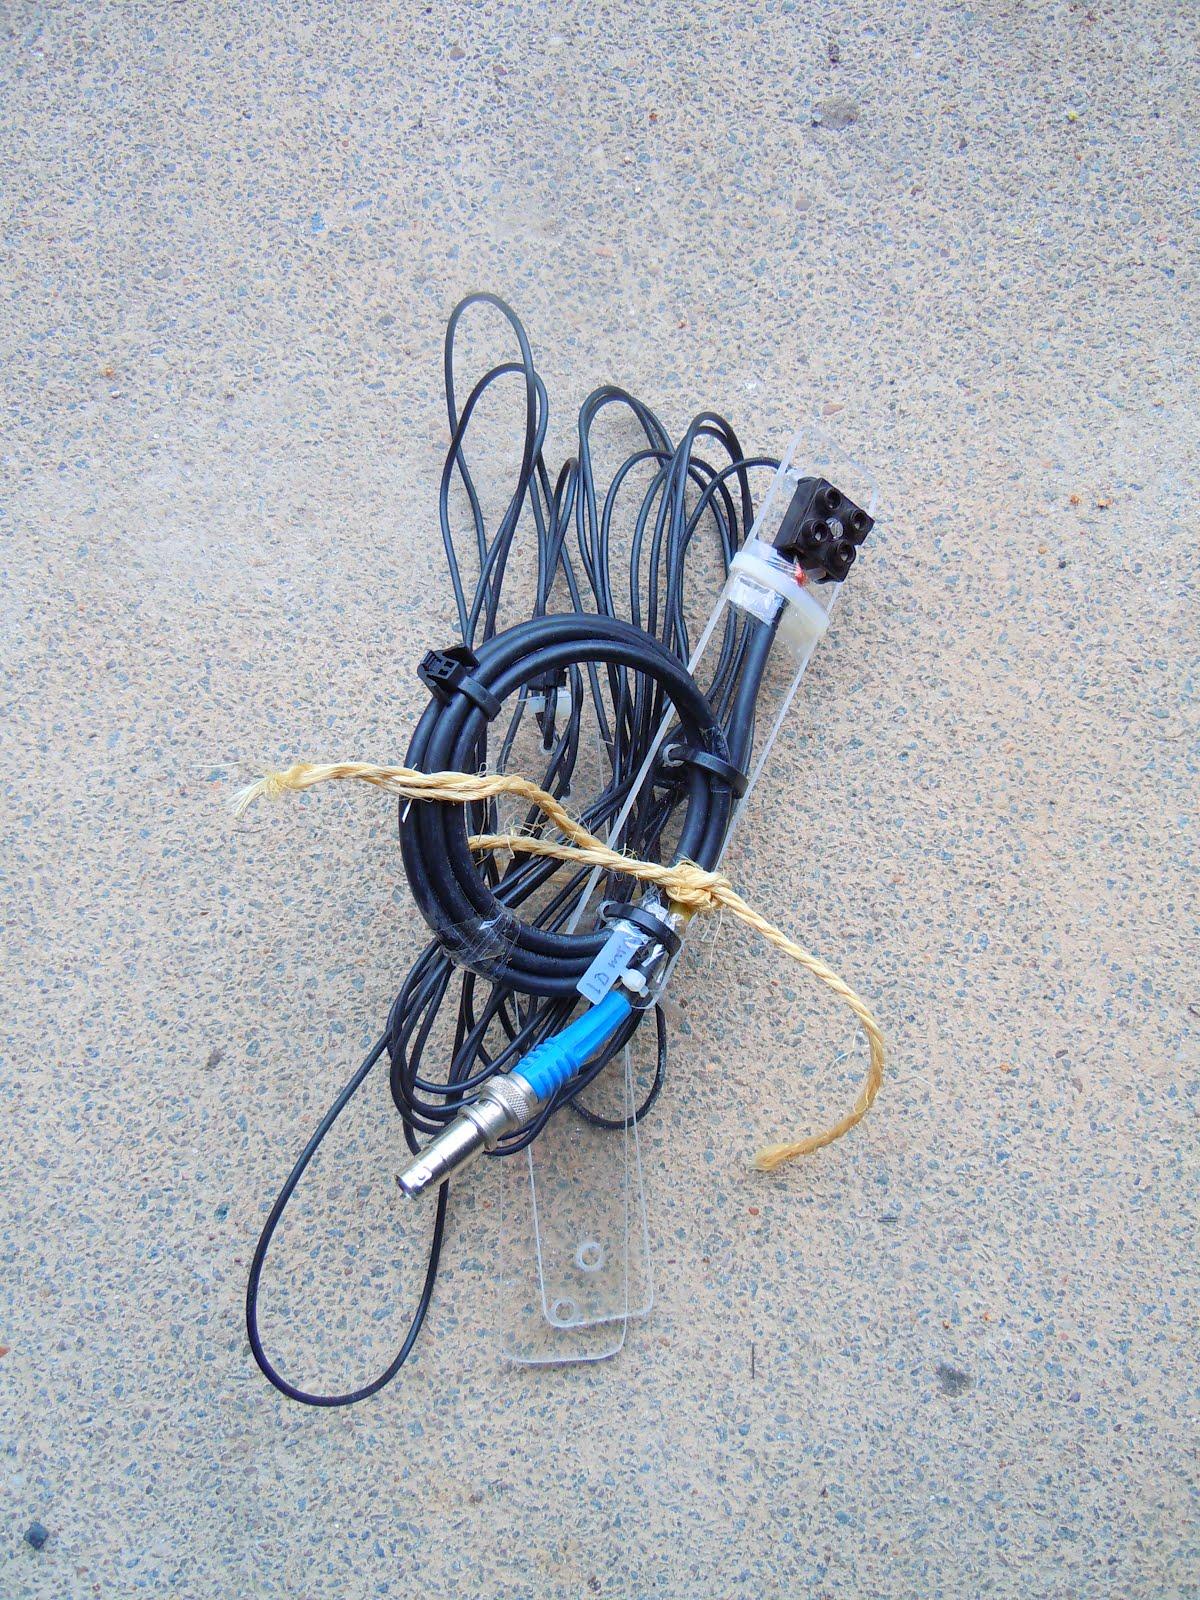 6 Meter Loop Antenna Plans